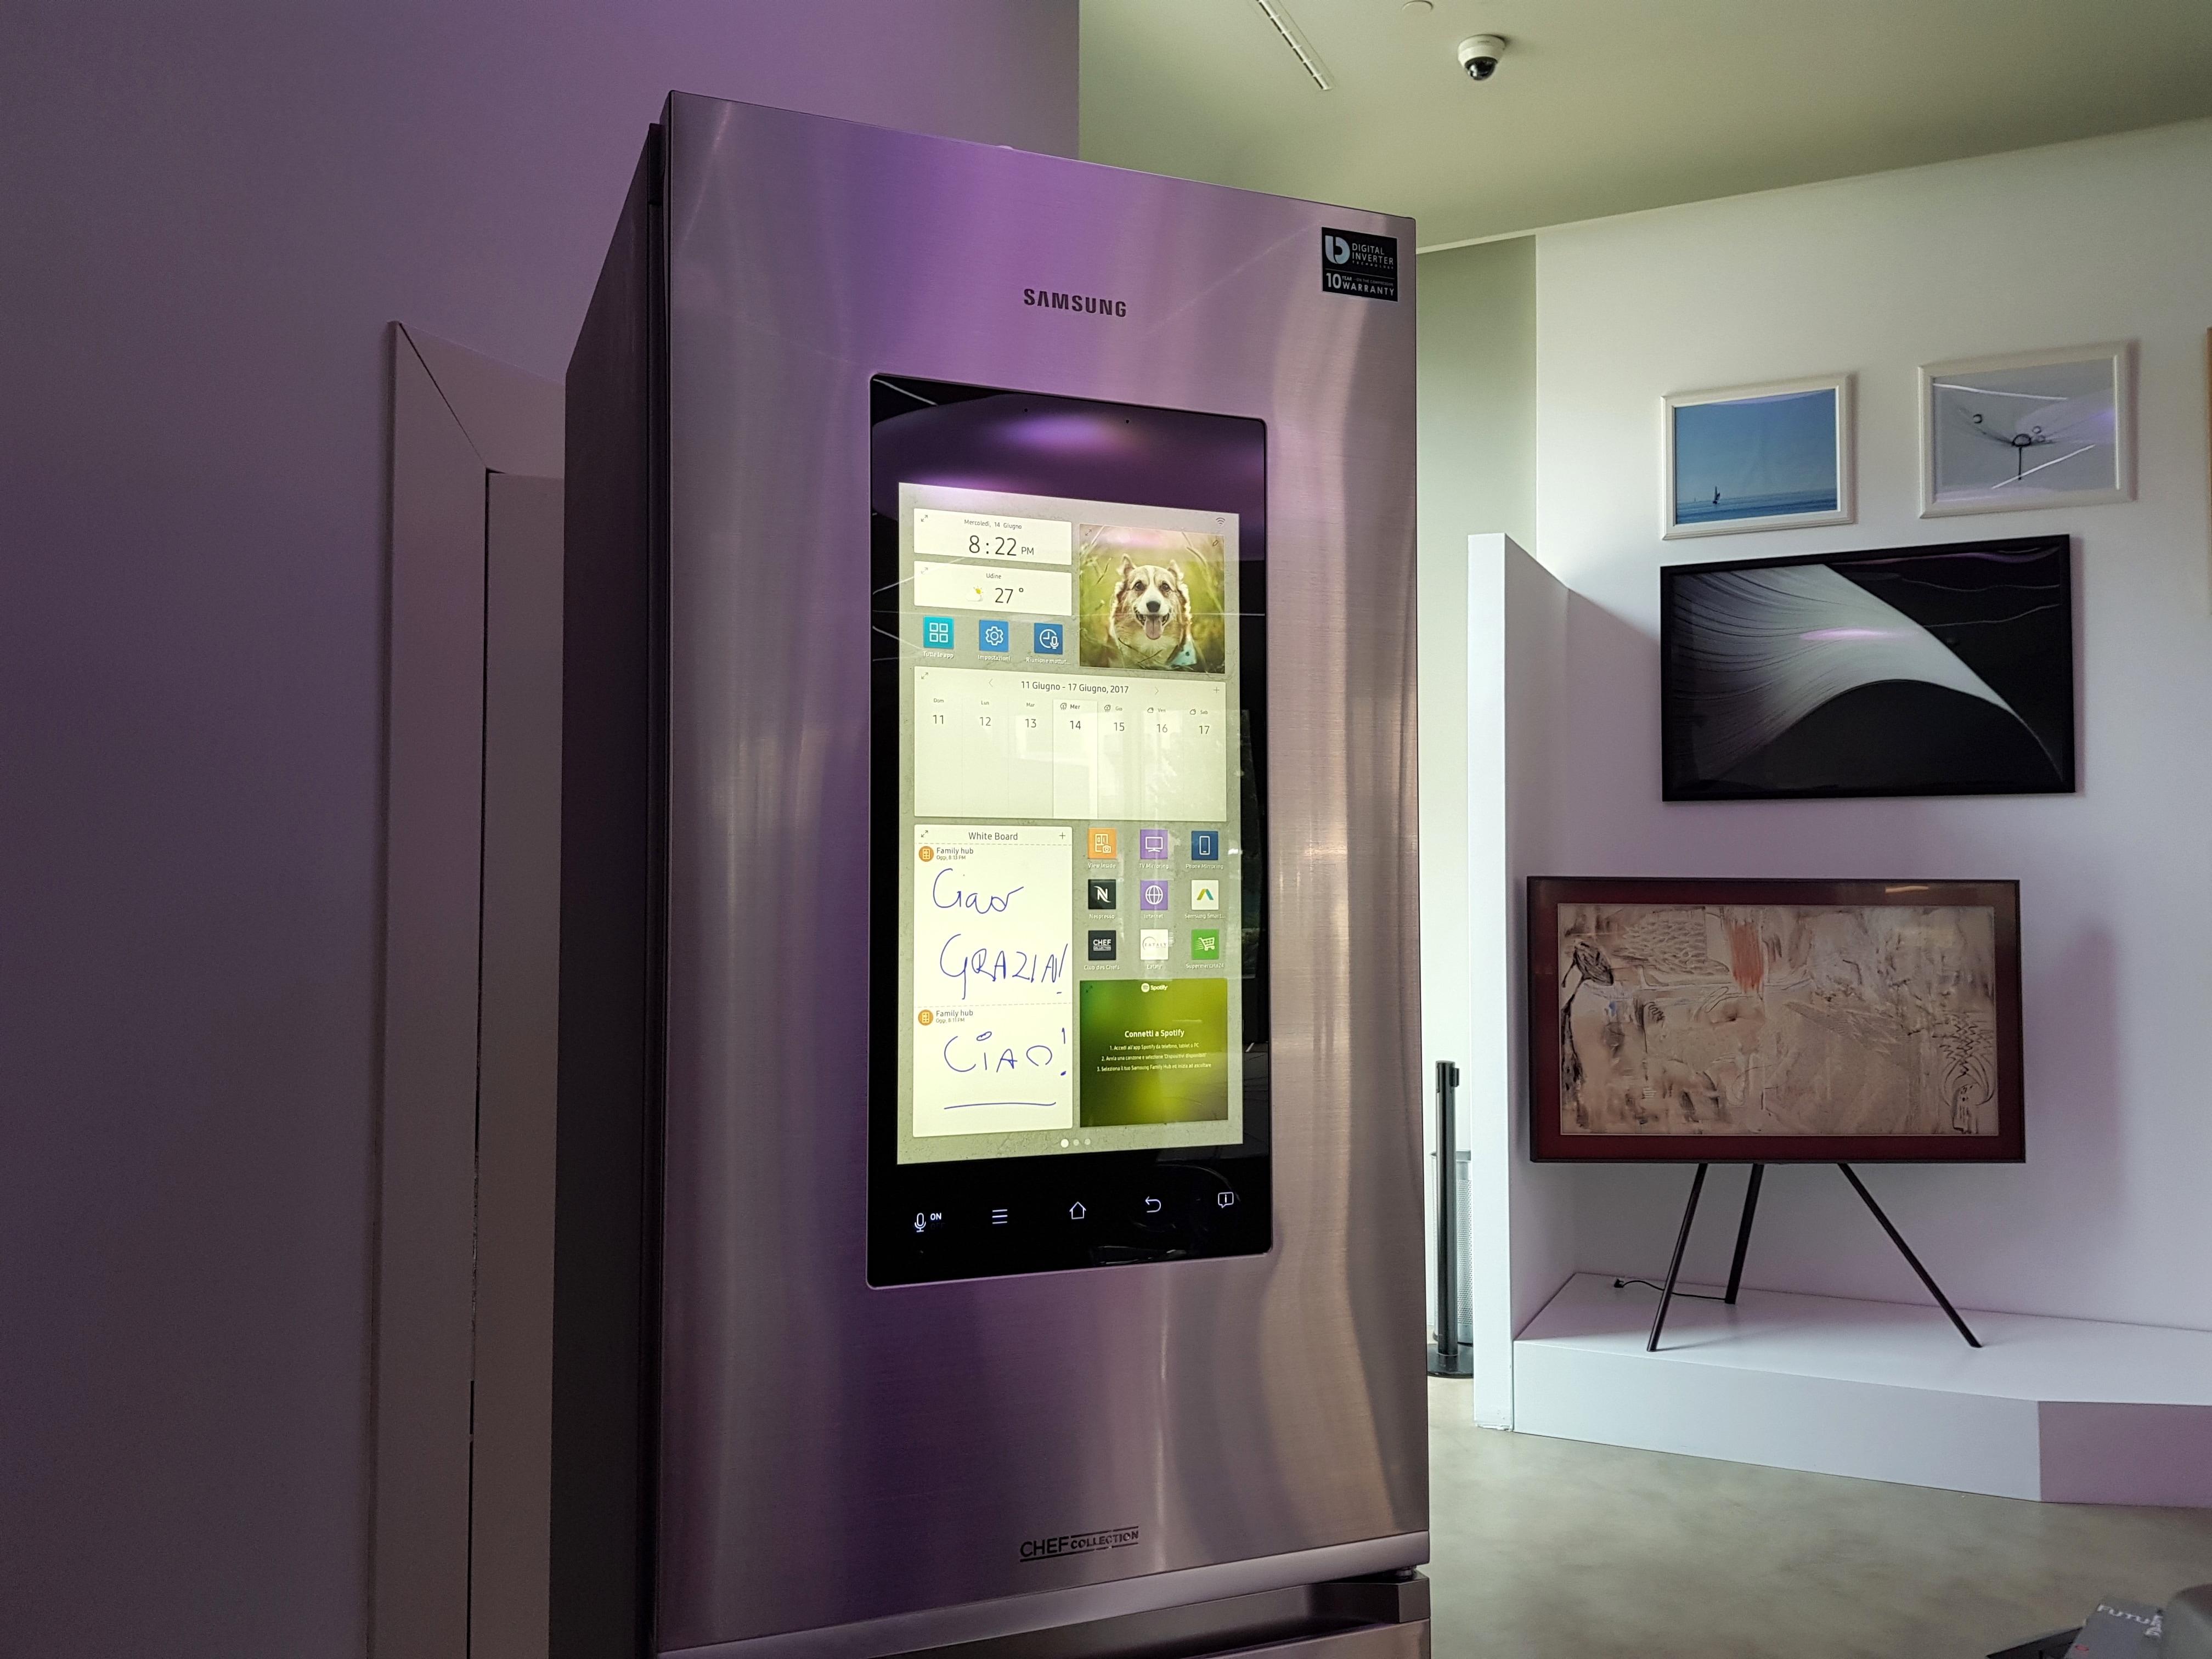 Il frigo smart di samsung anteprima del frigorifero tizen for Frigorifero samsung con schermo